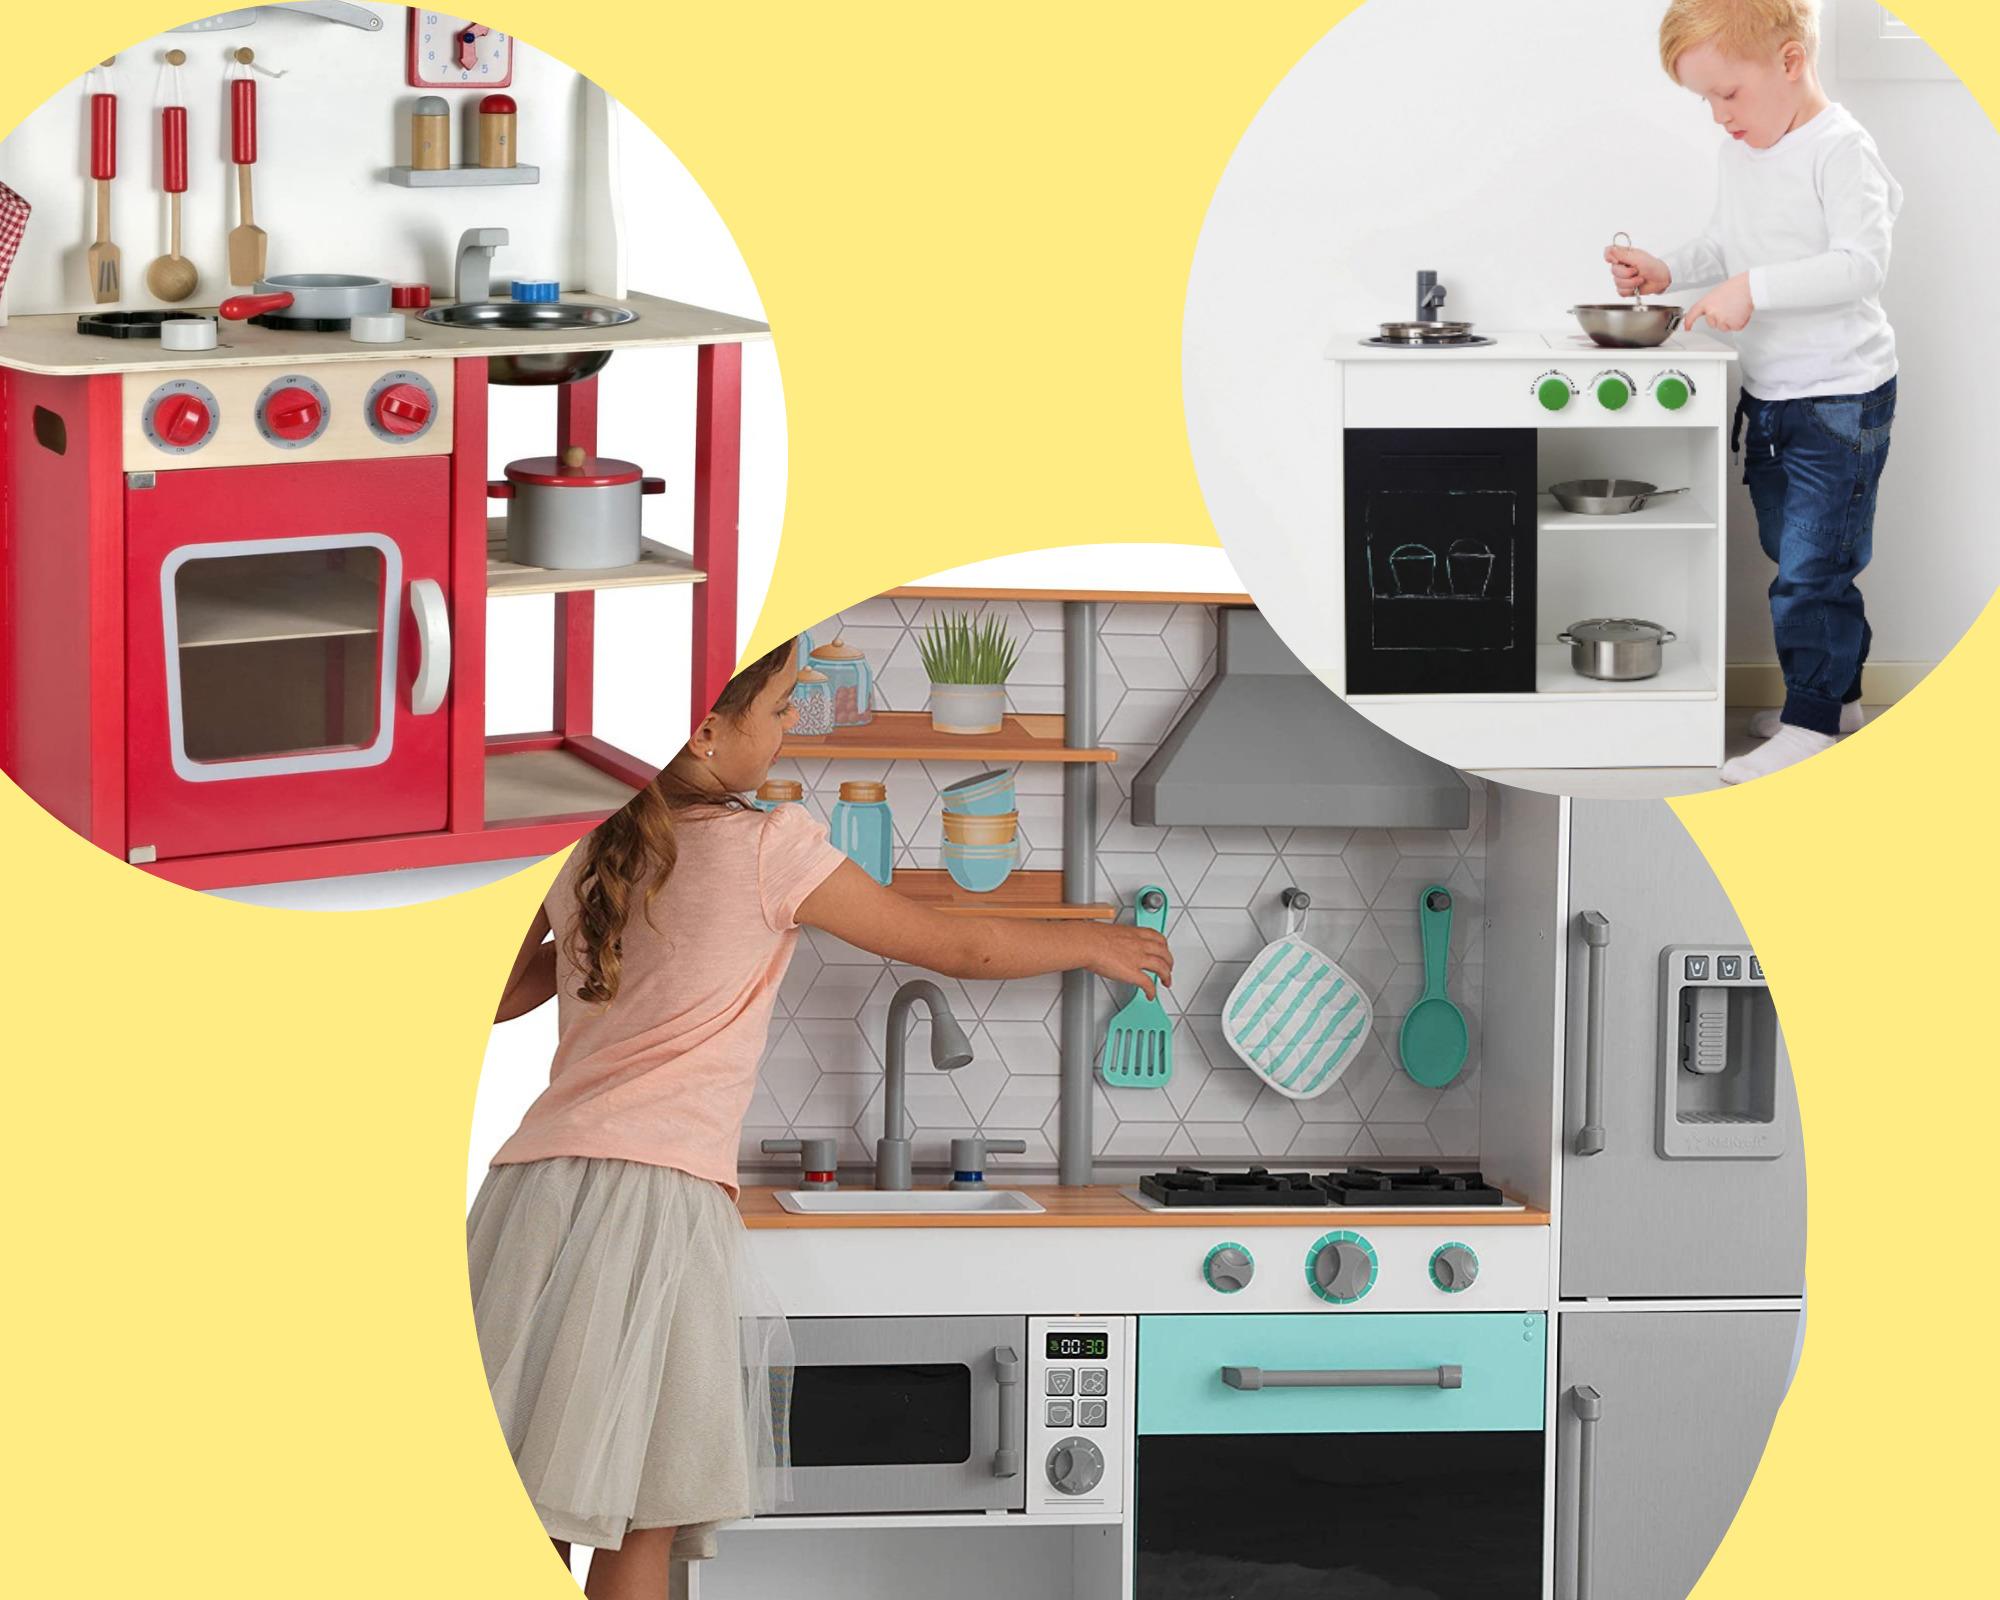 Cucine In Legno Per Bambini I Consigli I Prezzi Le Opinioni Mamma In Citta